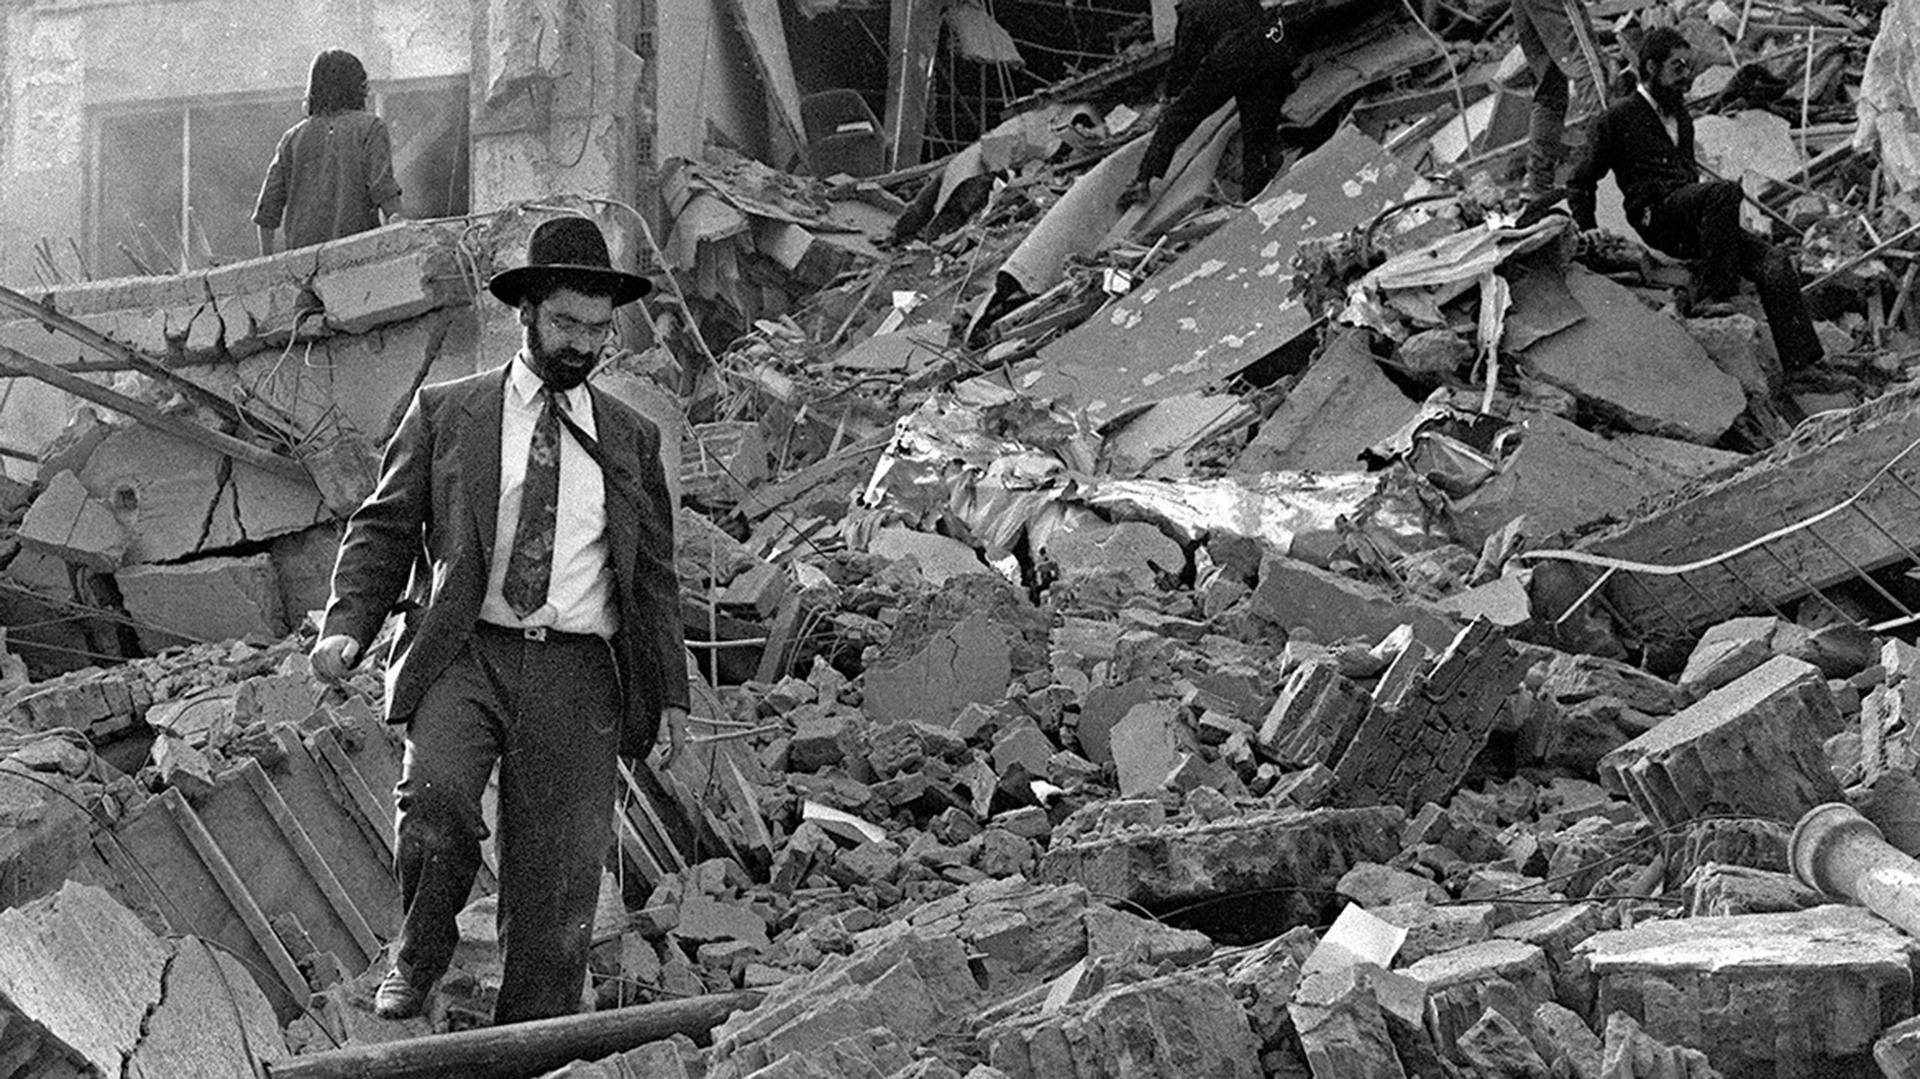 El 18 de julio de 1994 un atentado terrorista se cobró 85 vidas (AFP)